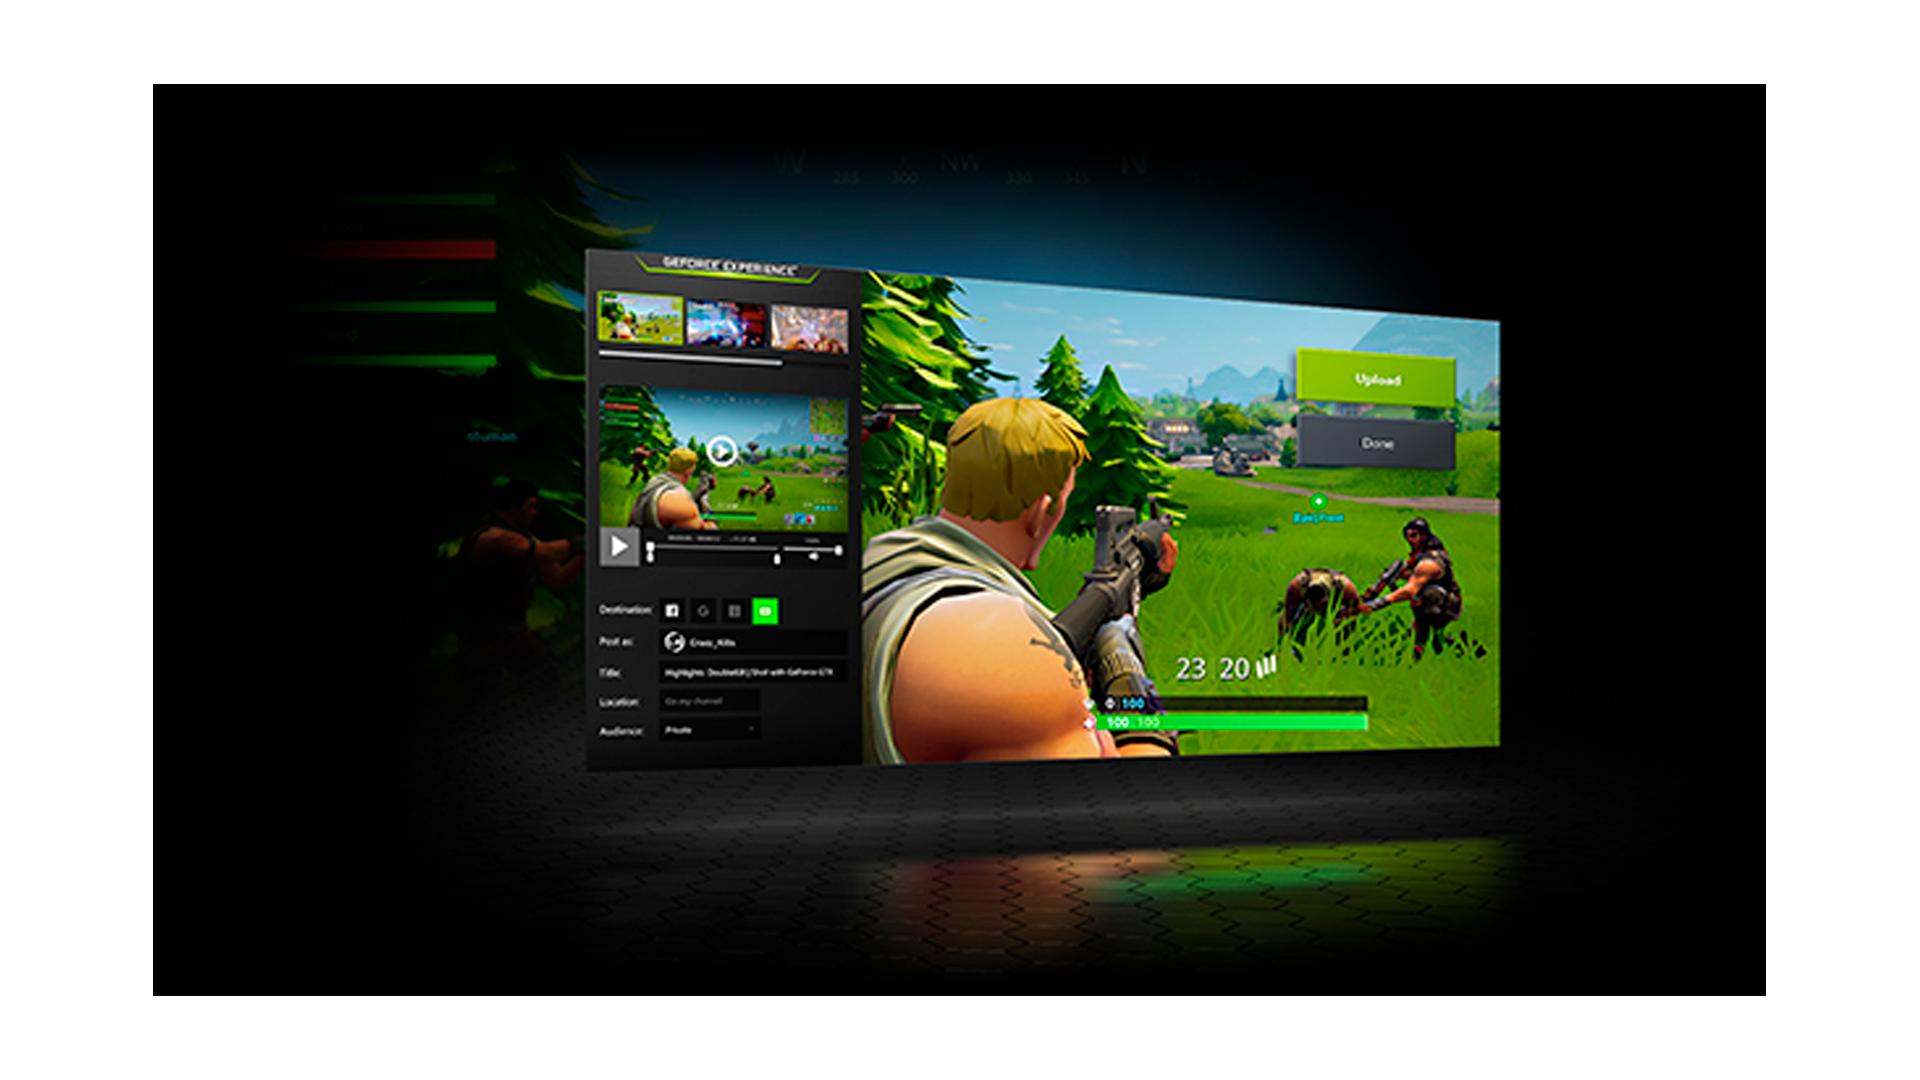 Diversos jogos possuem suporte ao overclock no GeForce Experience (Foto: Divulgação/NVIDIA)